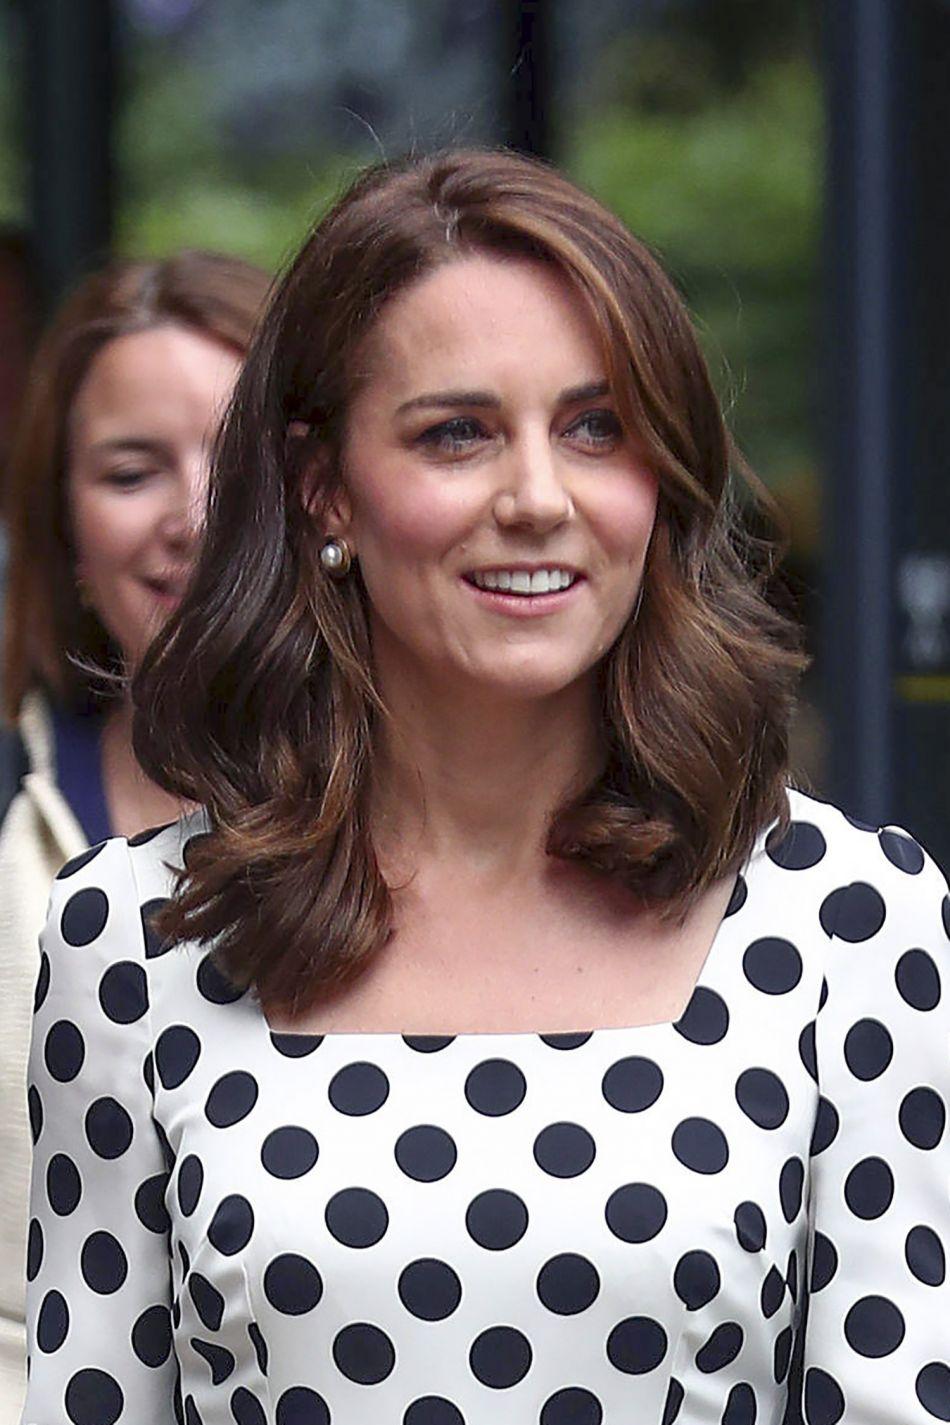 Kate middleton sa nouvelle coupe de cheveux fait sensation for Coupe cheveux kate middleton